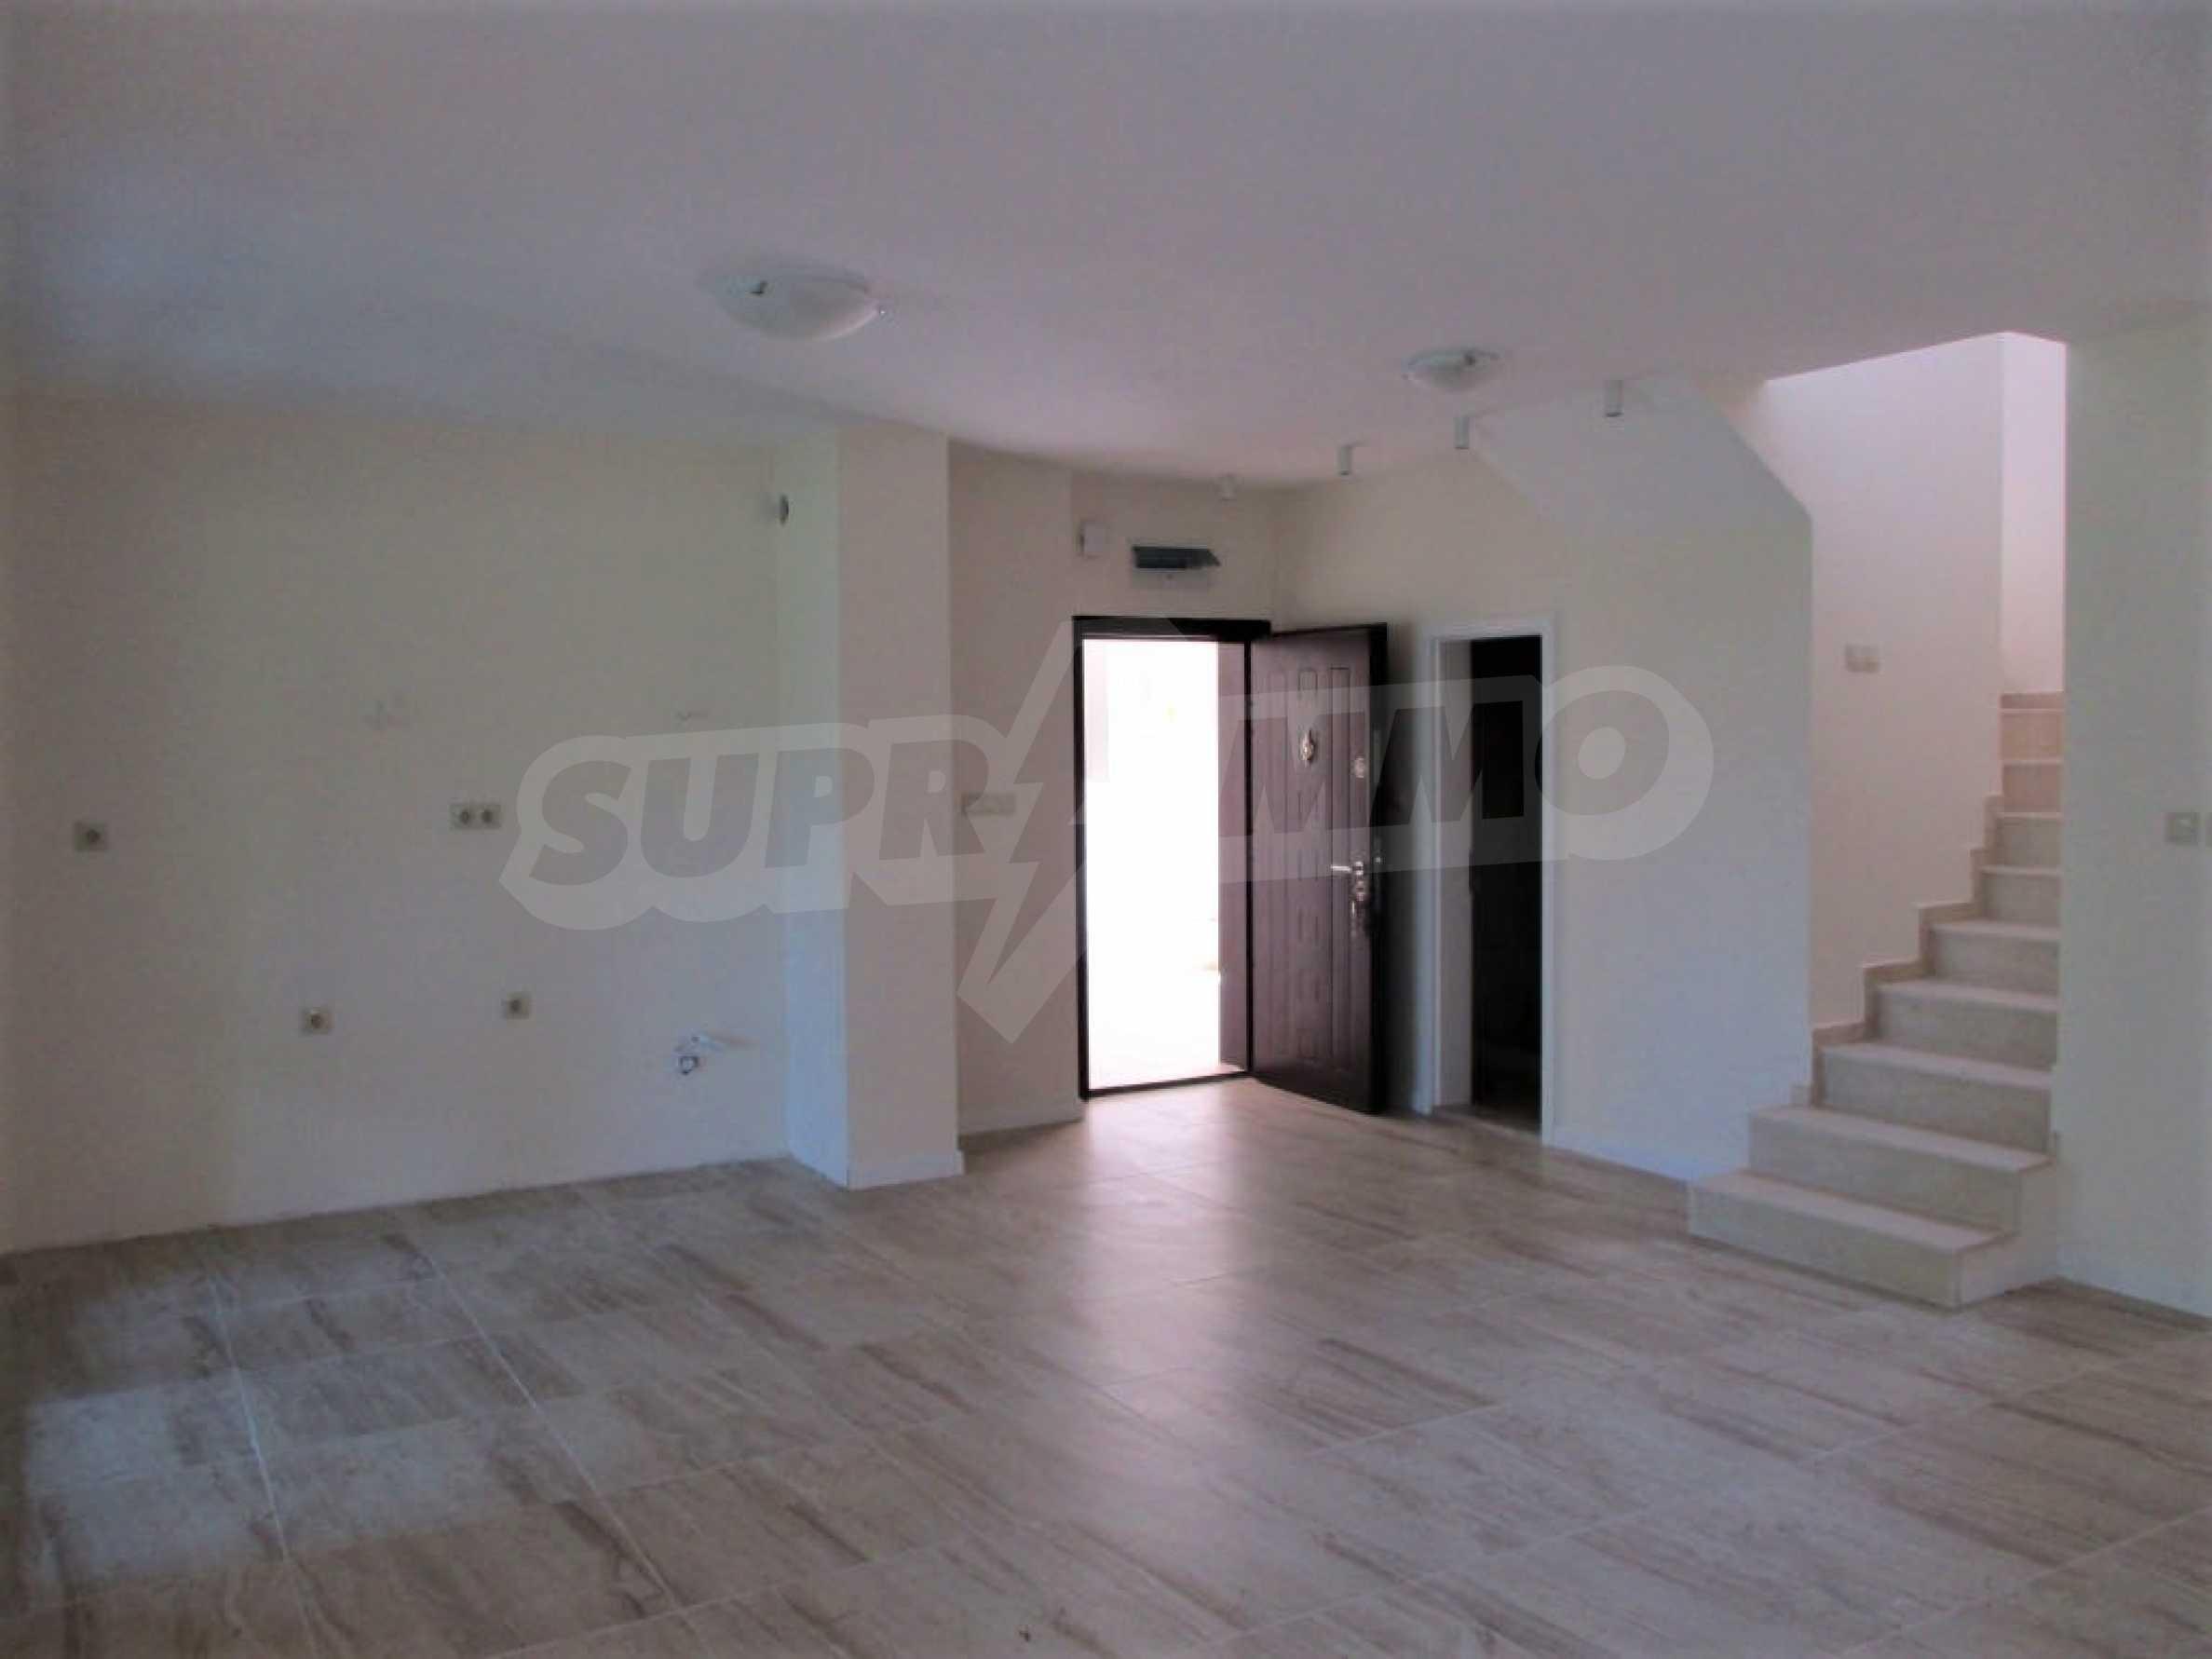 ПРОМО цени! Напълно завършена или нова къща в строеж на 100 метра от плажа 36